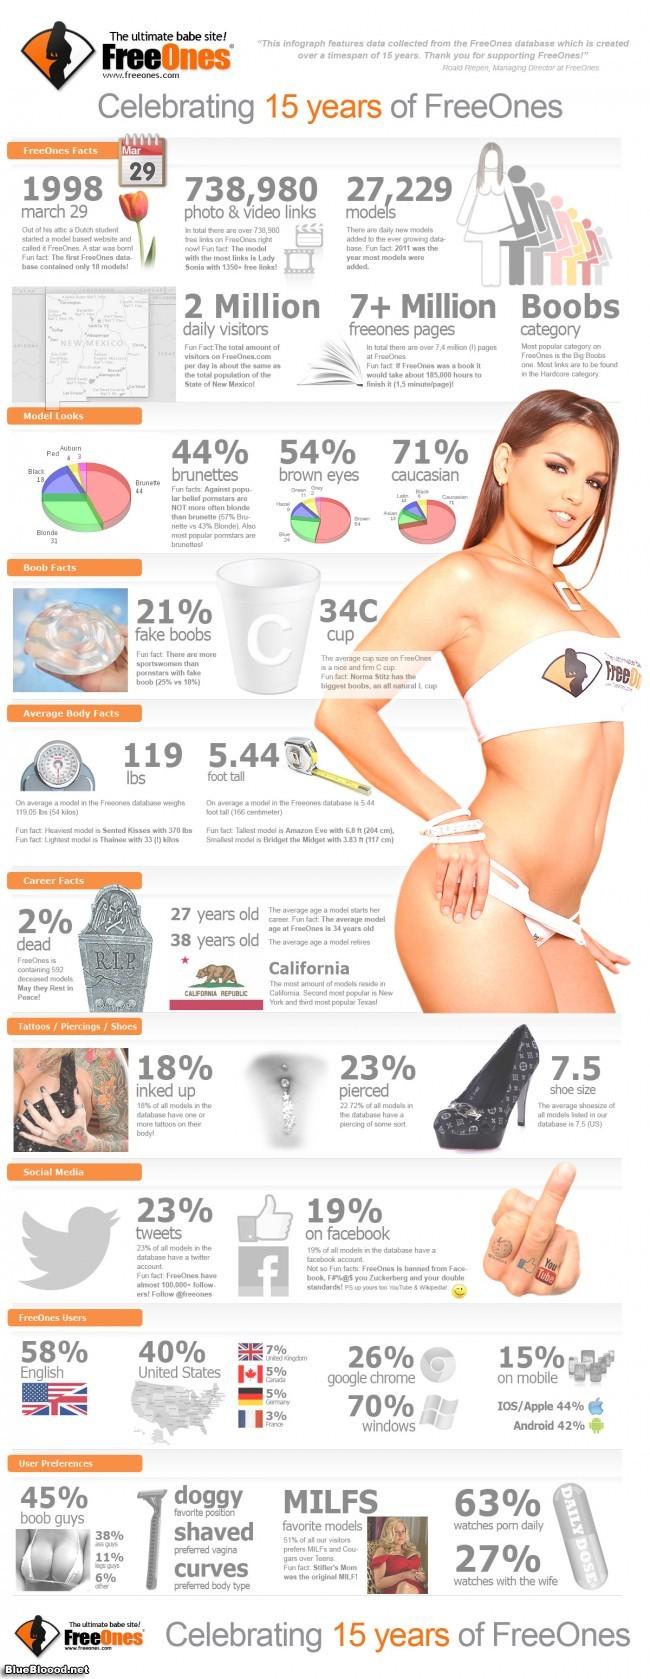 freeones infographic